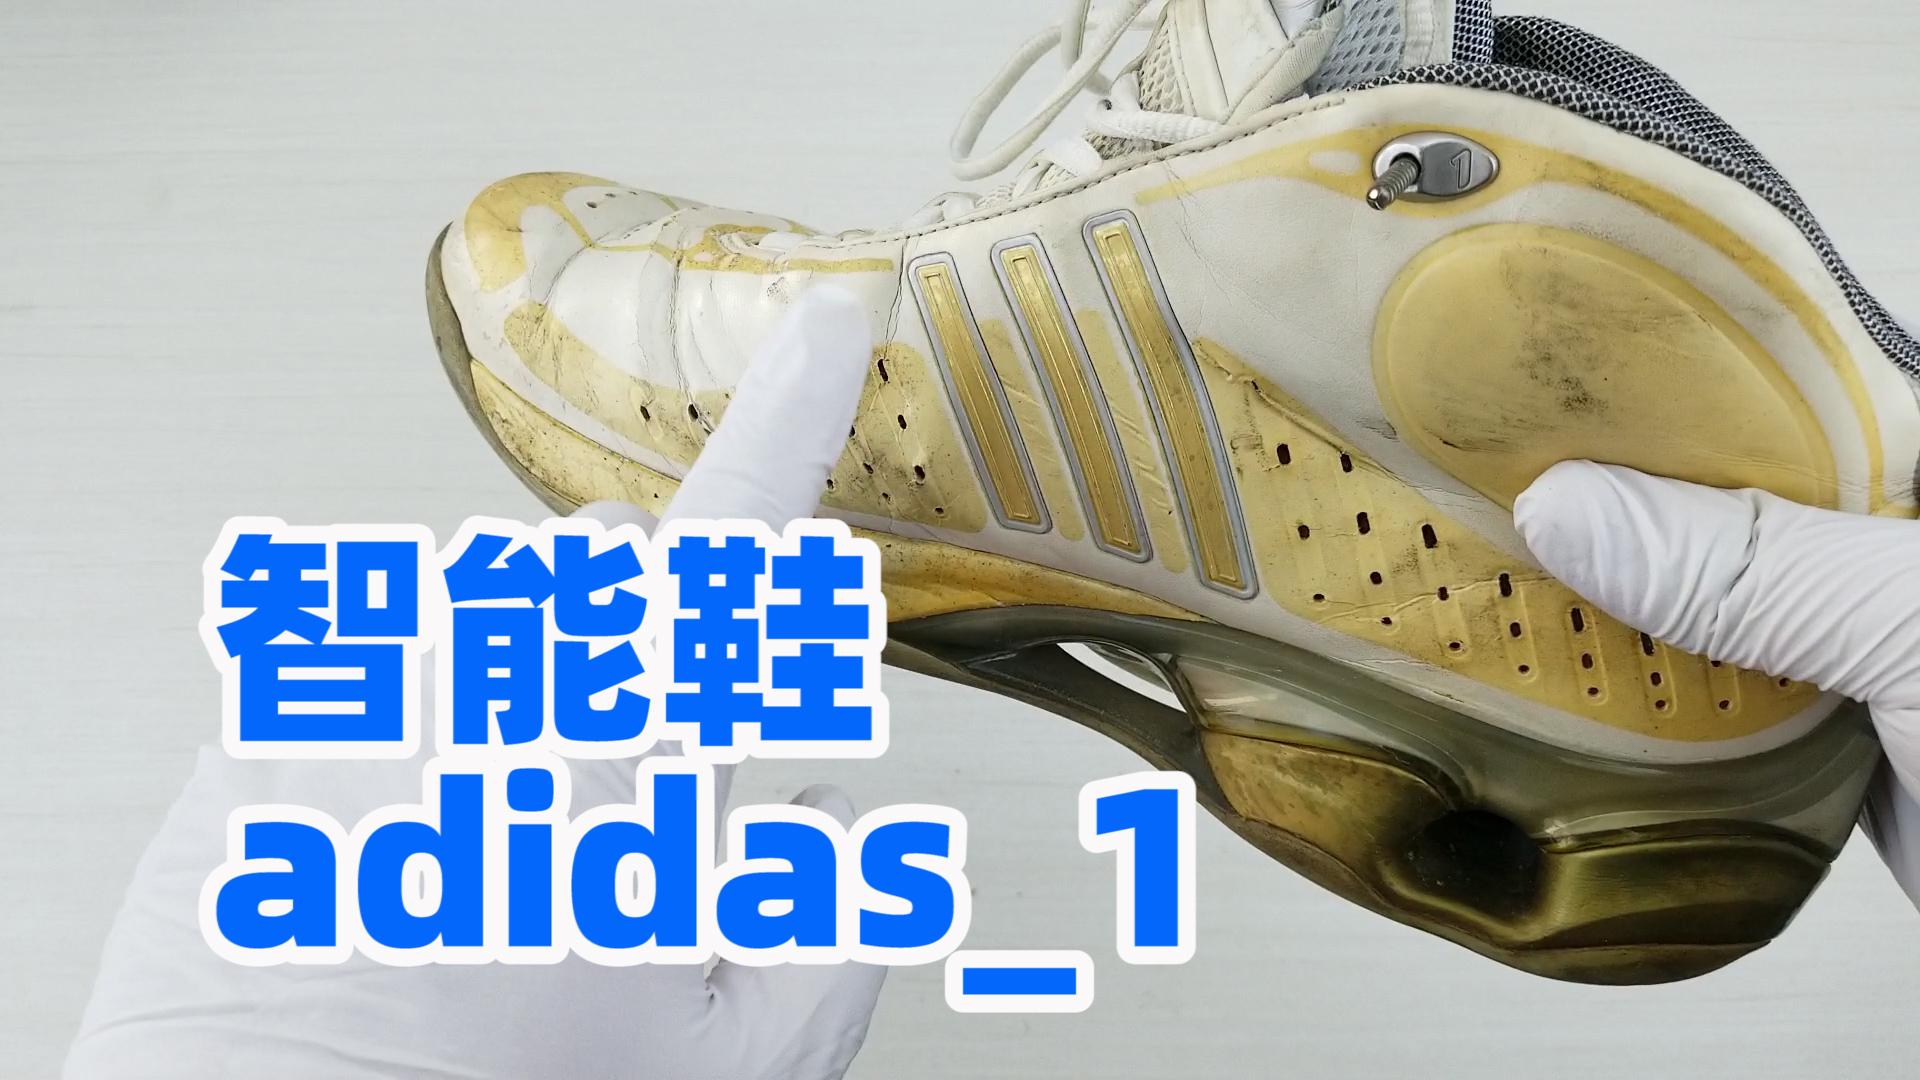 15年前阿迪达斯的黑科技,球鞋自动调节弹力的原理拆开看看是什么